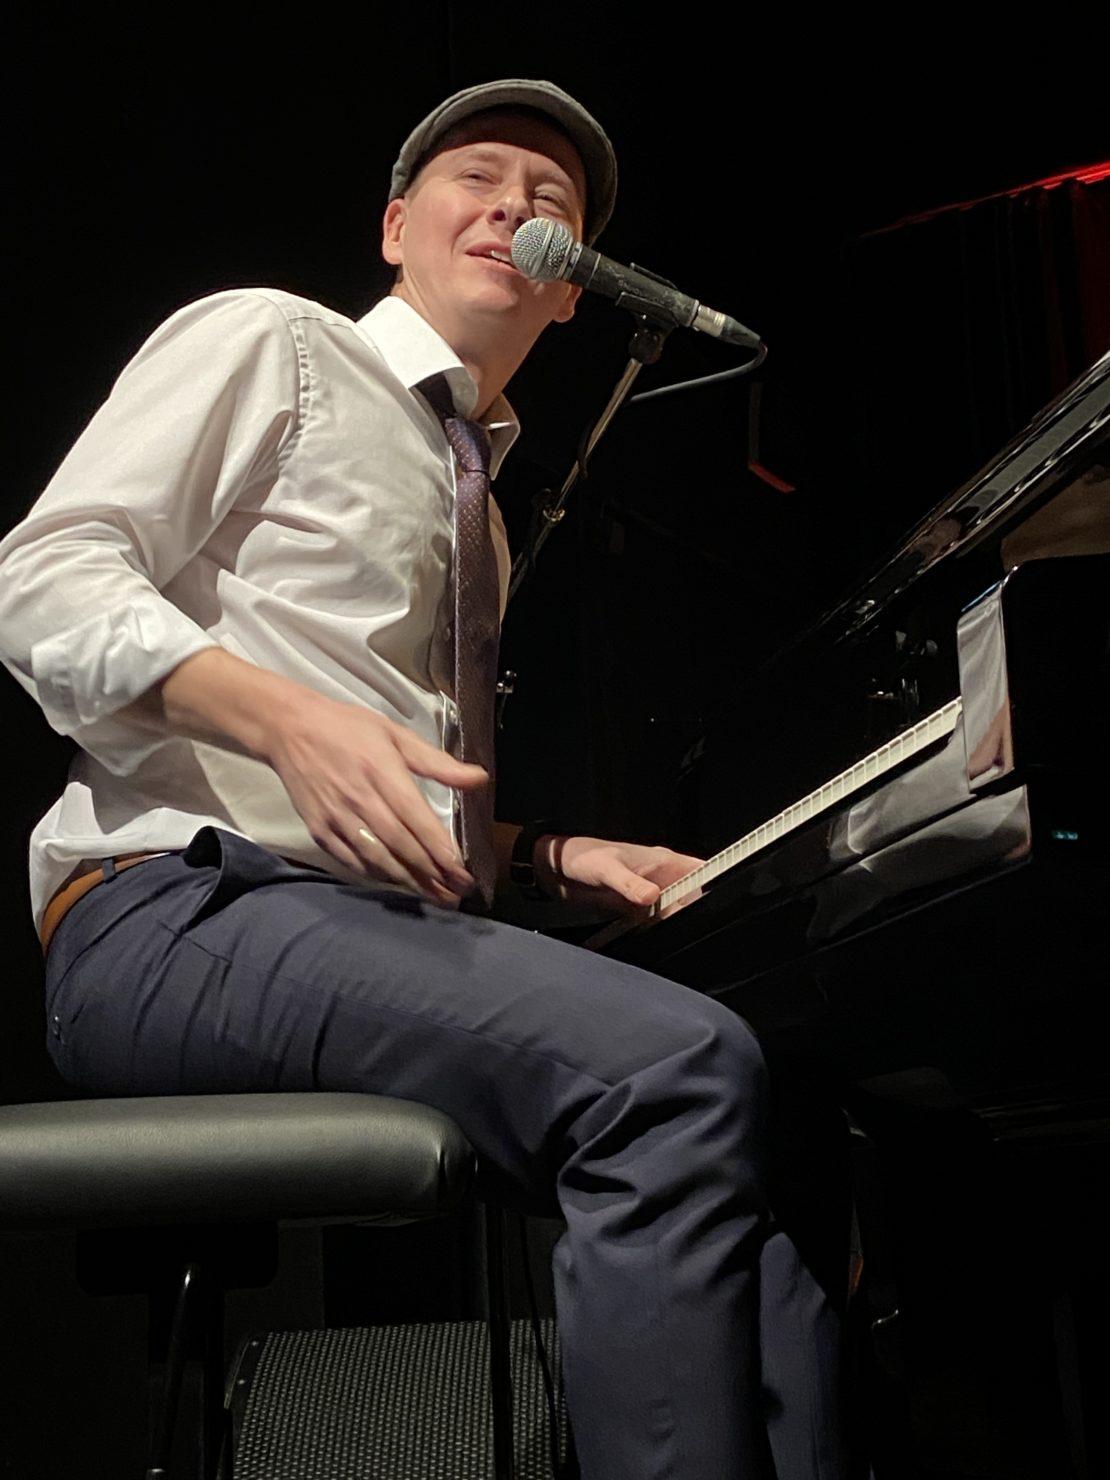 19. Schl8hof Bluesfestival Daniel Ecklbauer